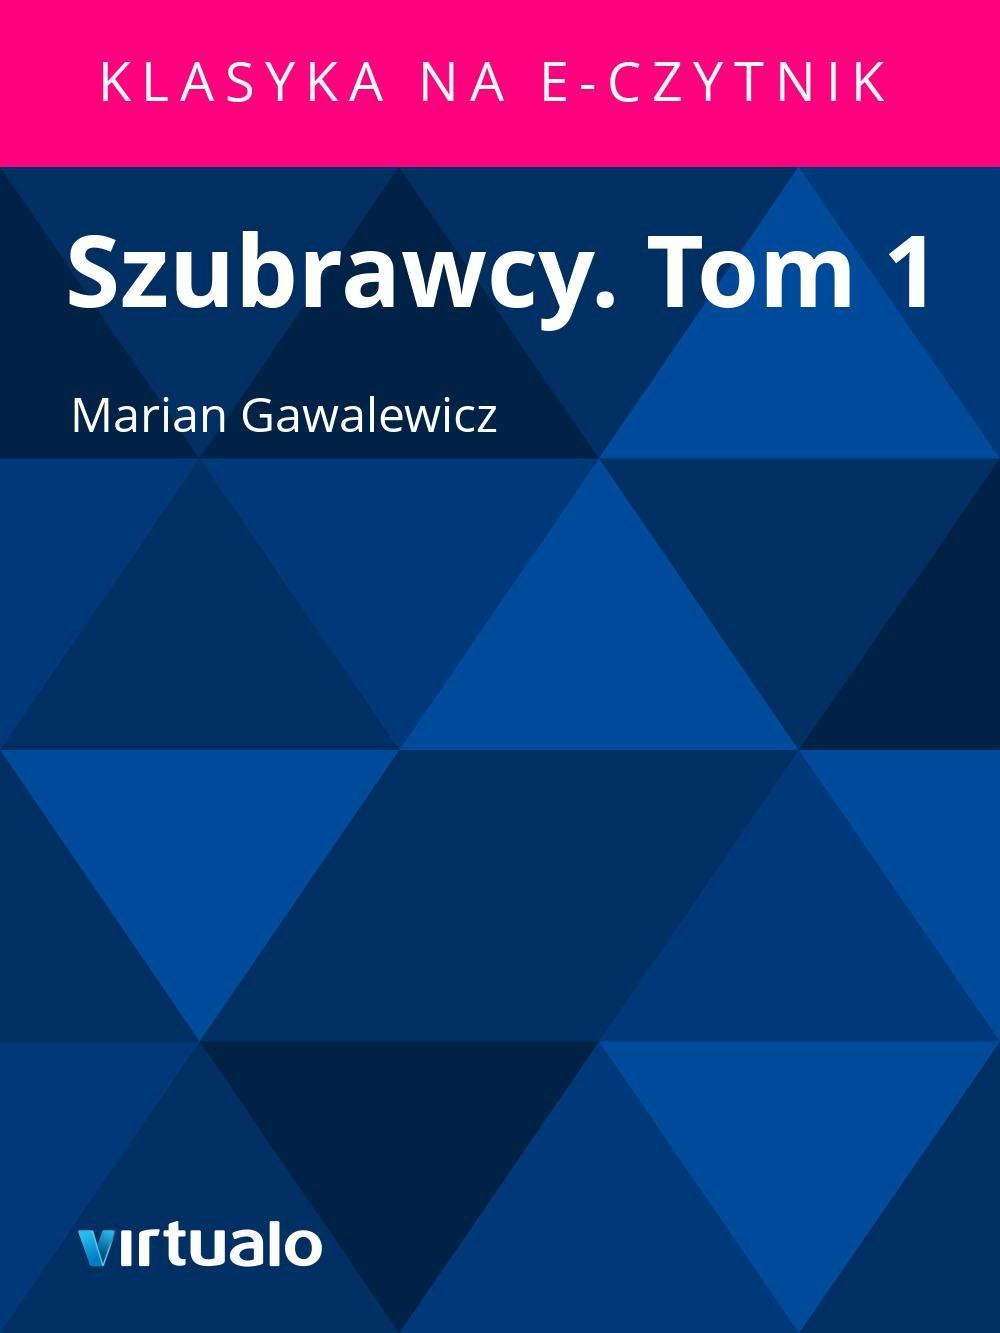 Szubrawcy. Tom 1 - Ebook (Książka EPUB) do pobrania w formacie EPUB